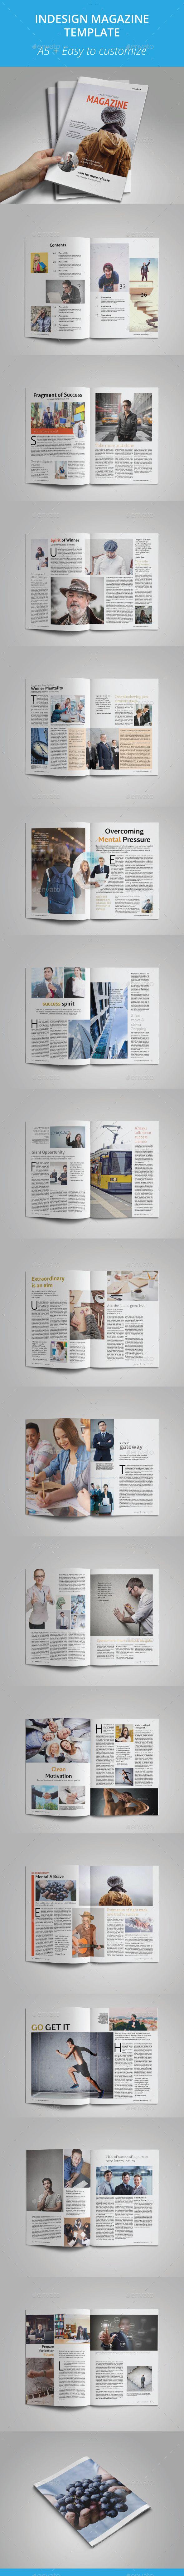 A5 Indesign Magazine | Revistas, Editorial y Tipografía